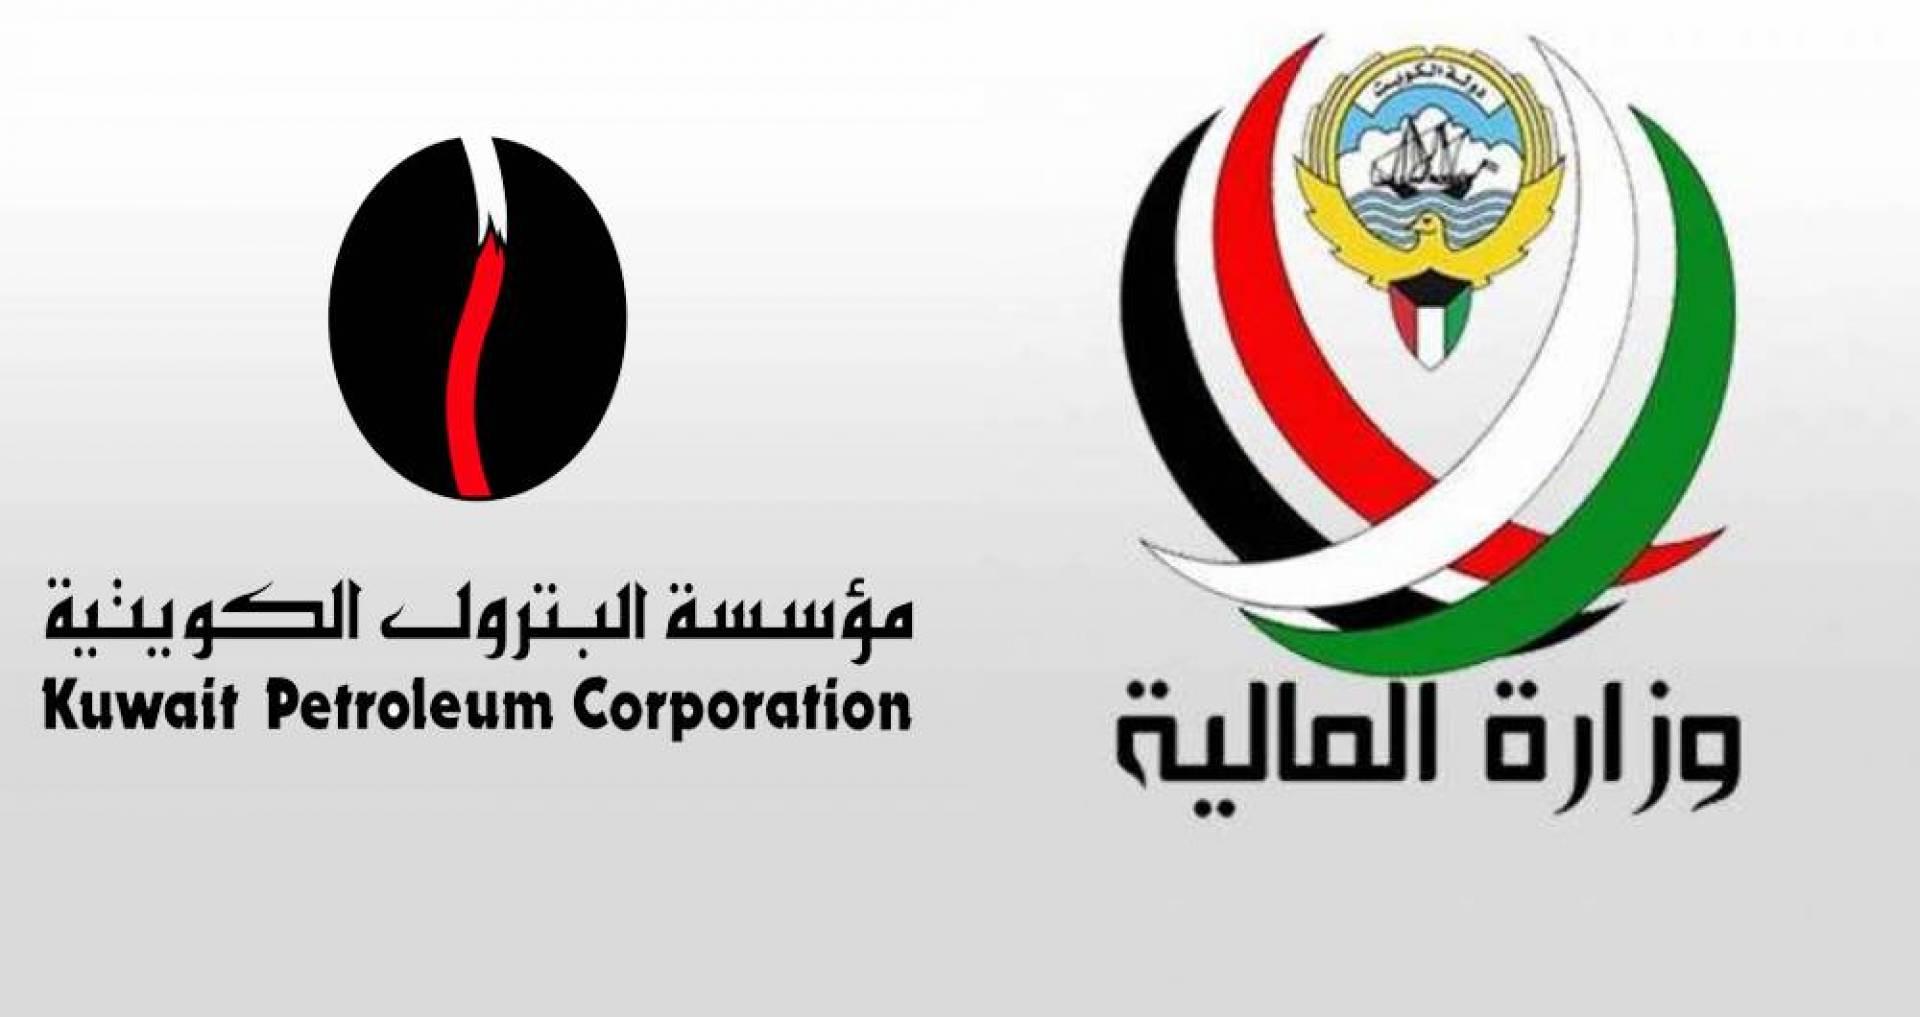 وزارة المالية تخاطب مؤسسة البترول لتوريد 7 مليارات دينار للخزانة العامة